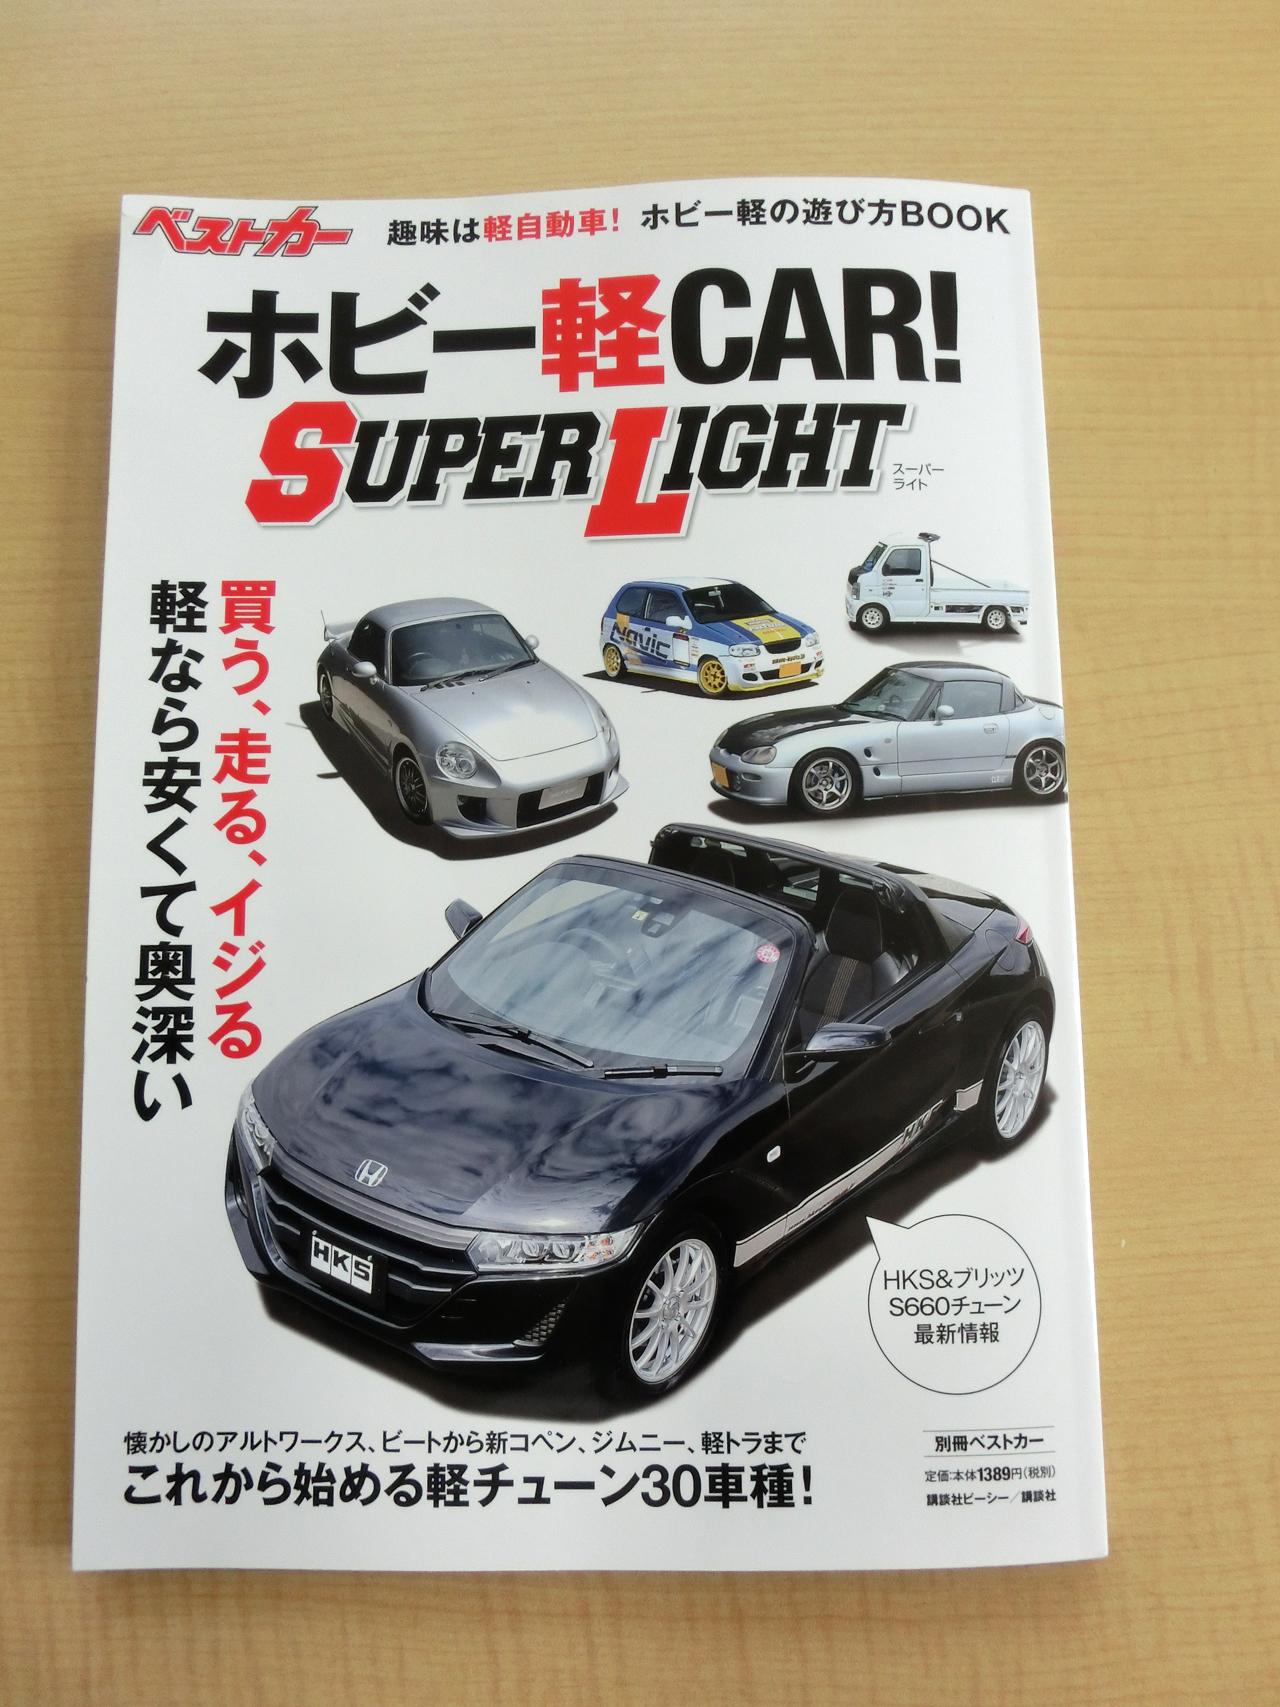 ホビー軽CAR! SUPERLIGHT(別冊ベストカー)